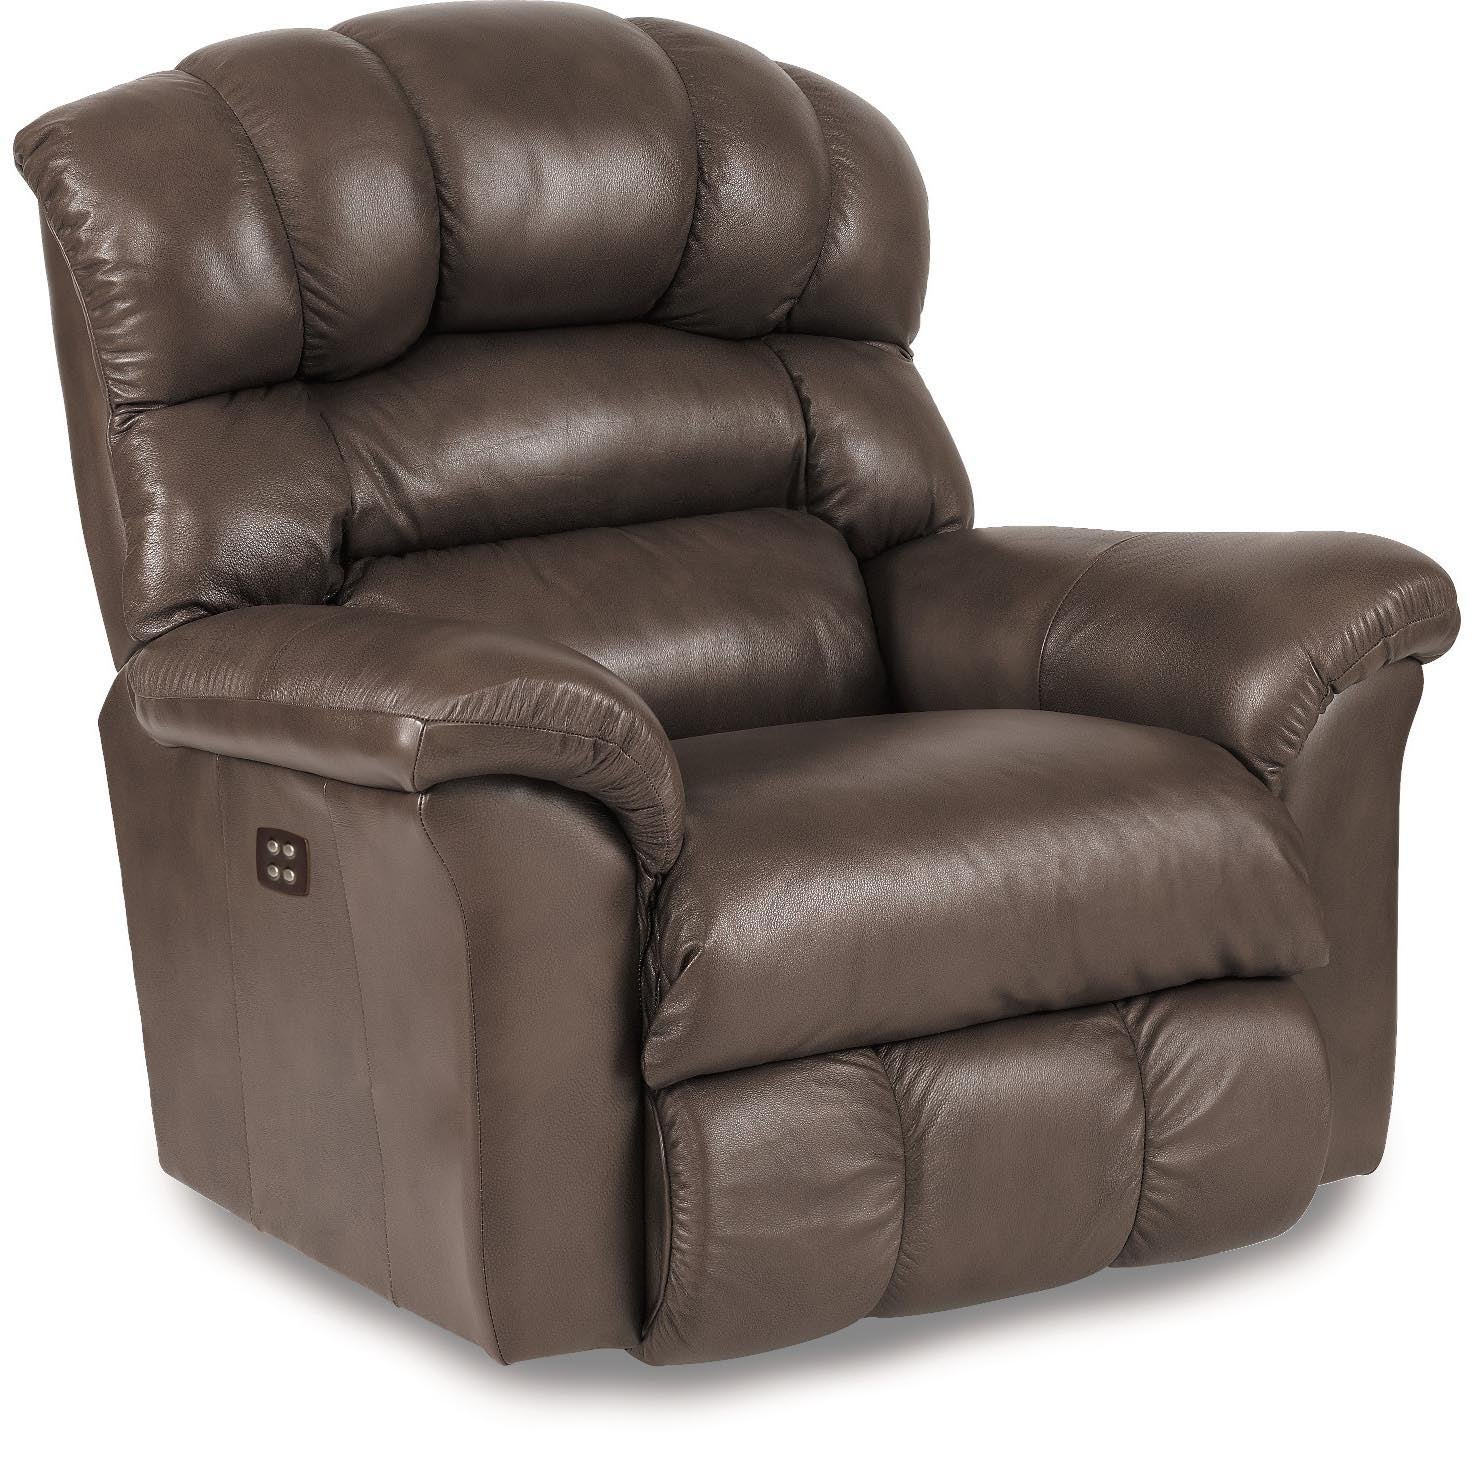 crandell powerreclinexrw reclina way recliner. Black Bedroom Furniture Sets. Home Design Ideas